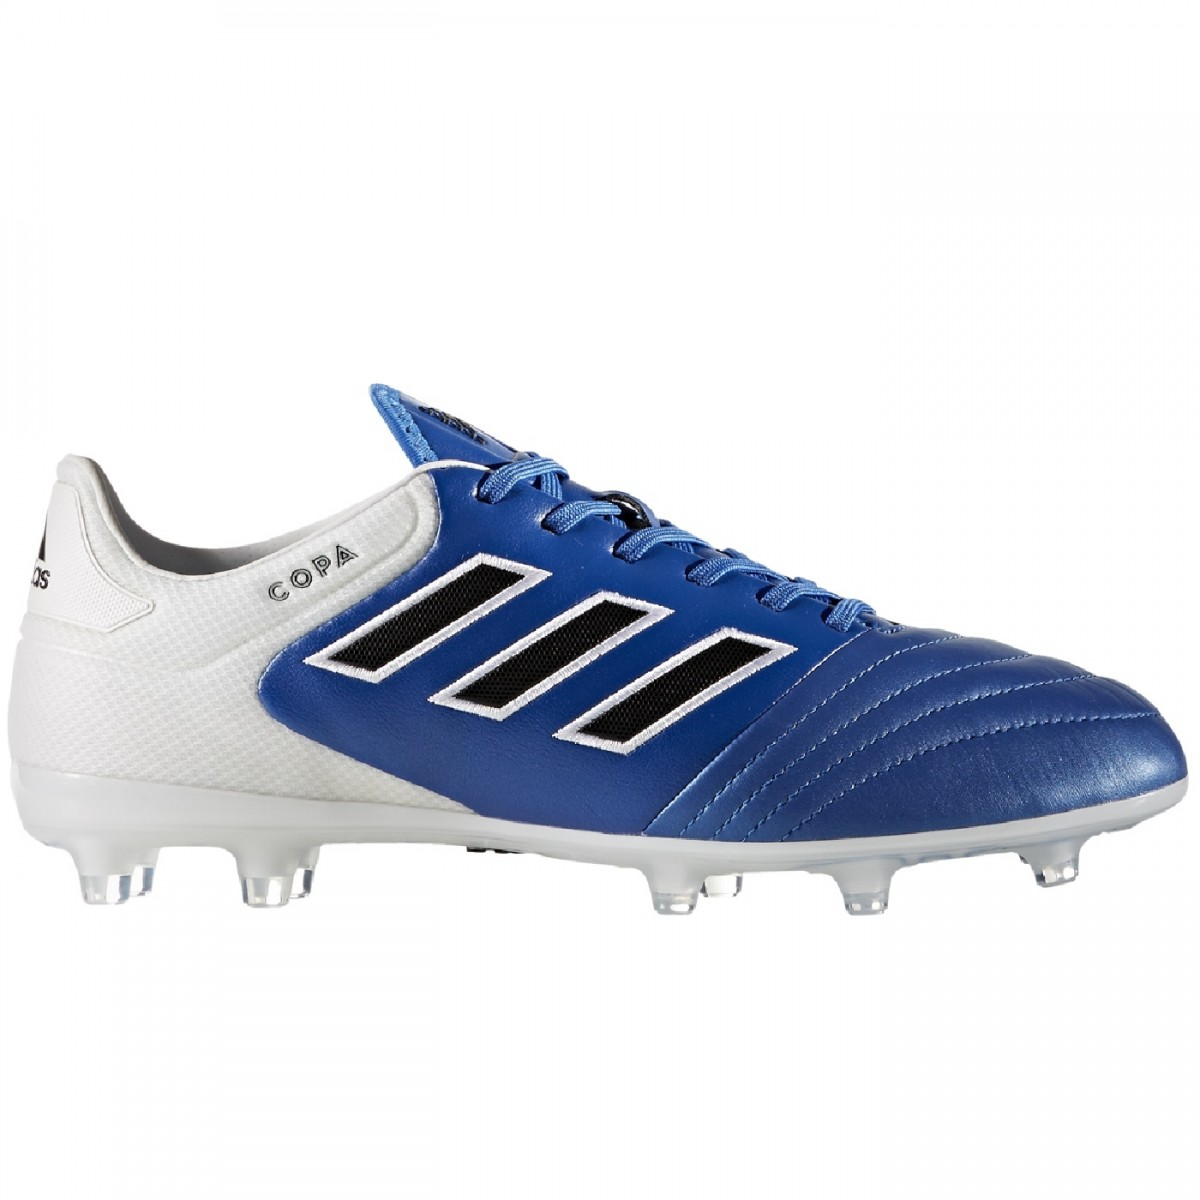 adidas Copa 17.2 FG Herren Fußballschuh Nocken blau weiß